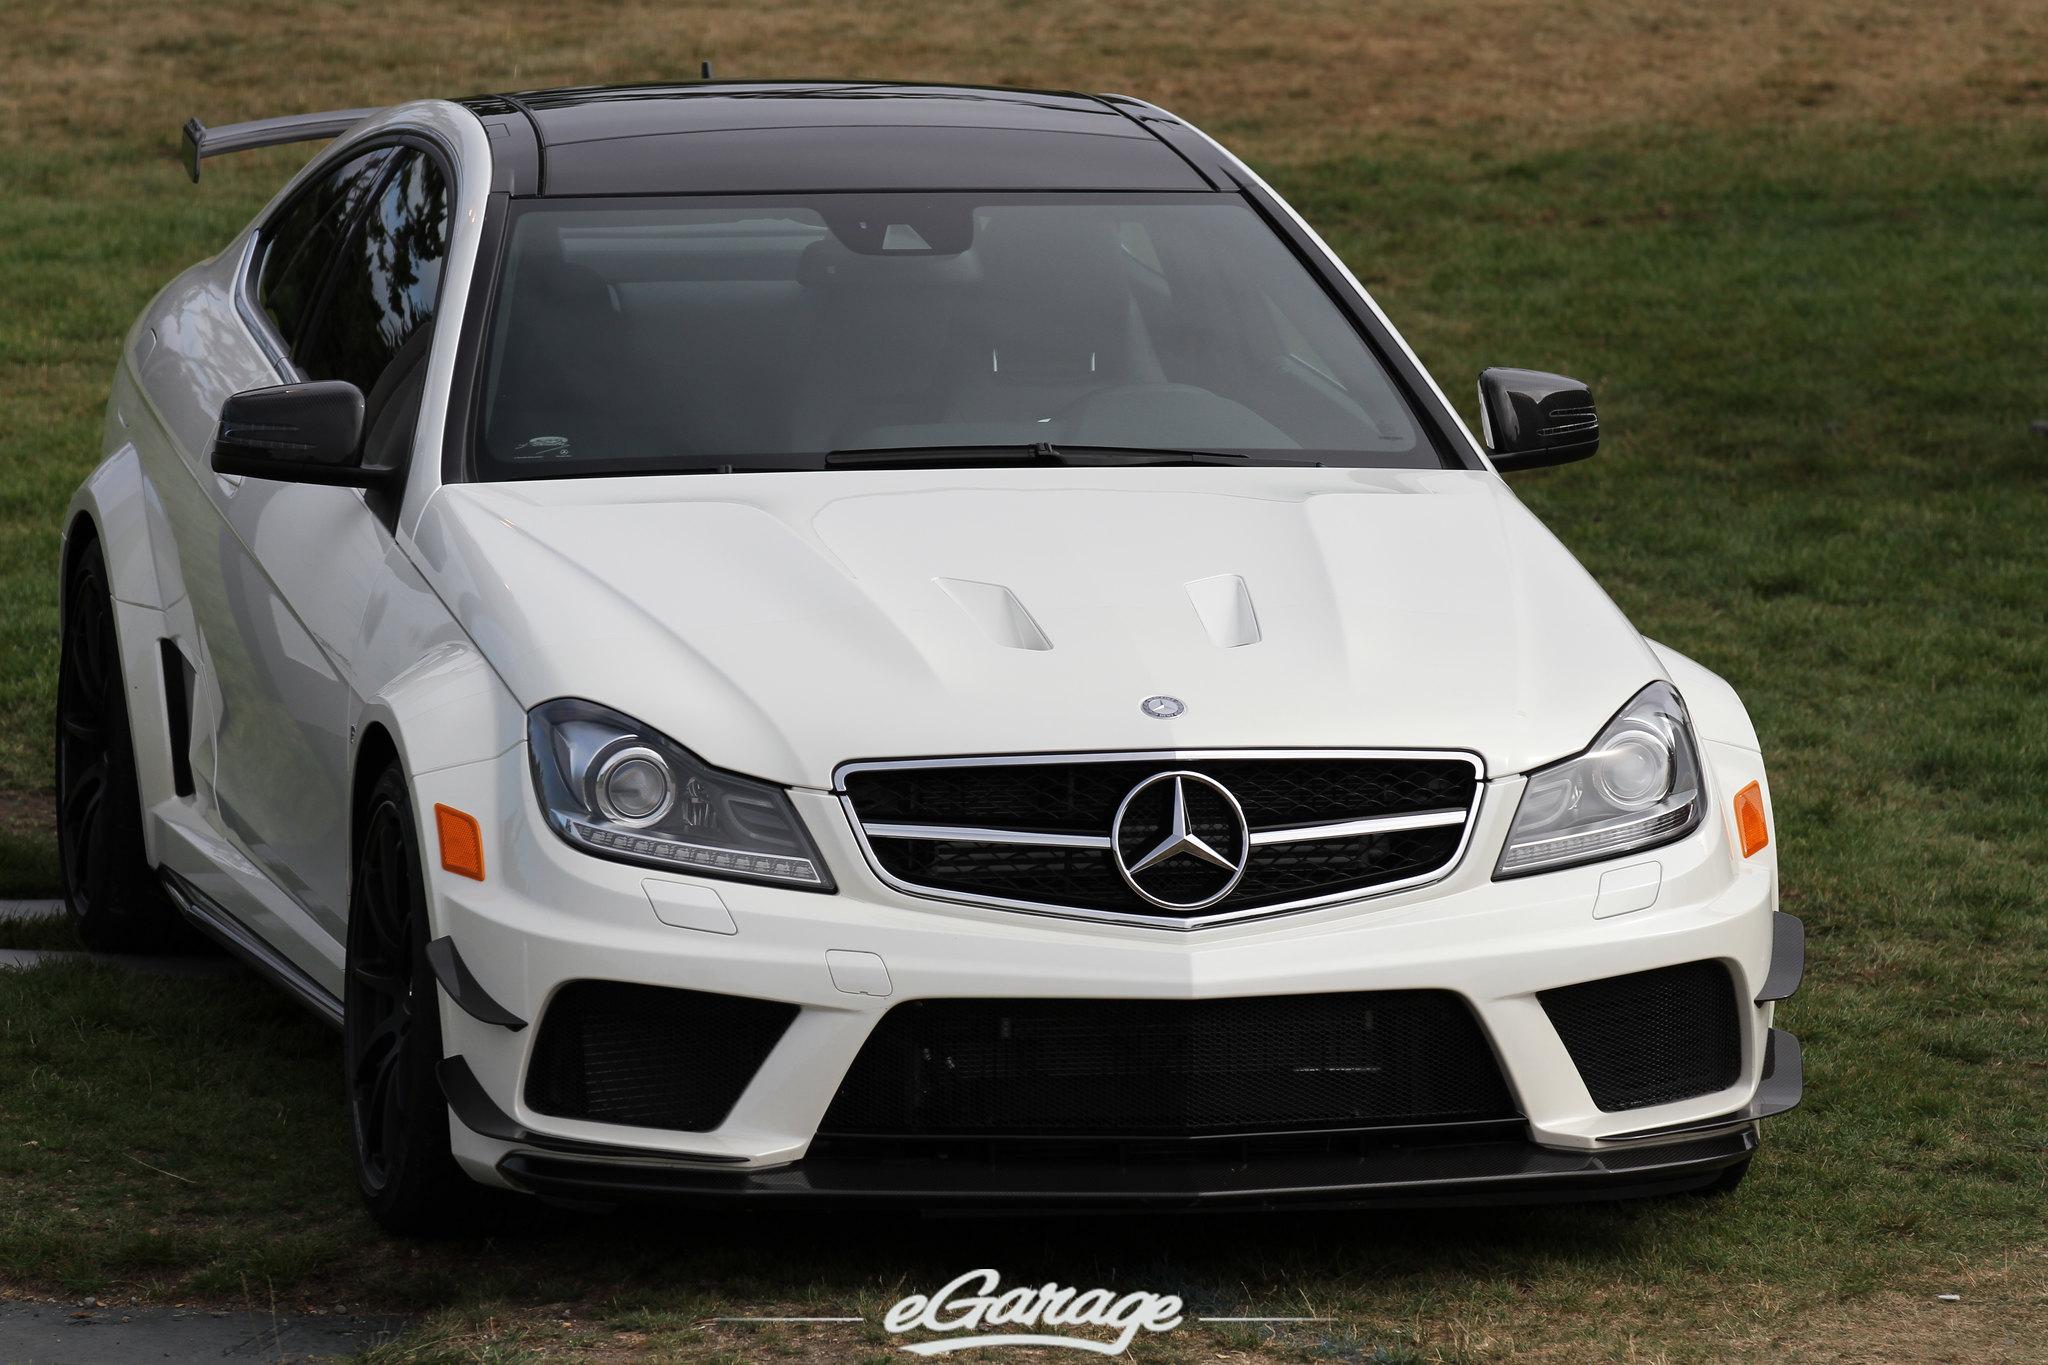 7828662190 5e6a953e9c k Mercedes Benz Classic